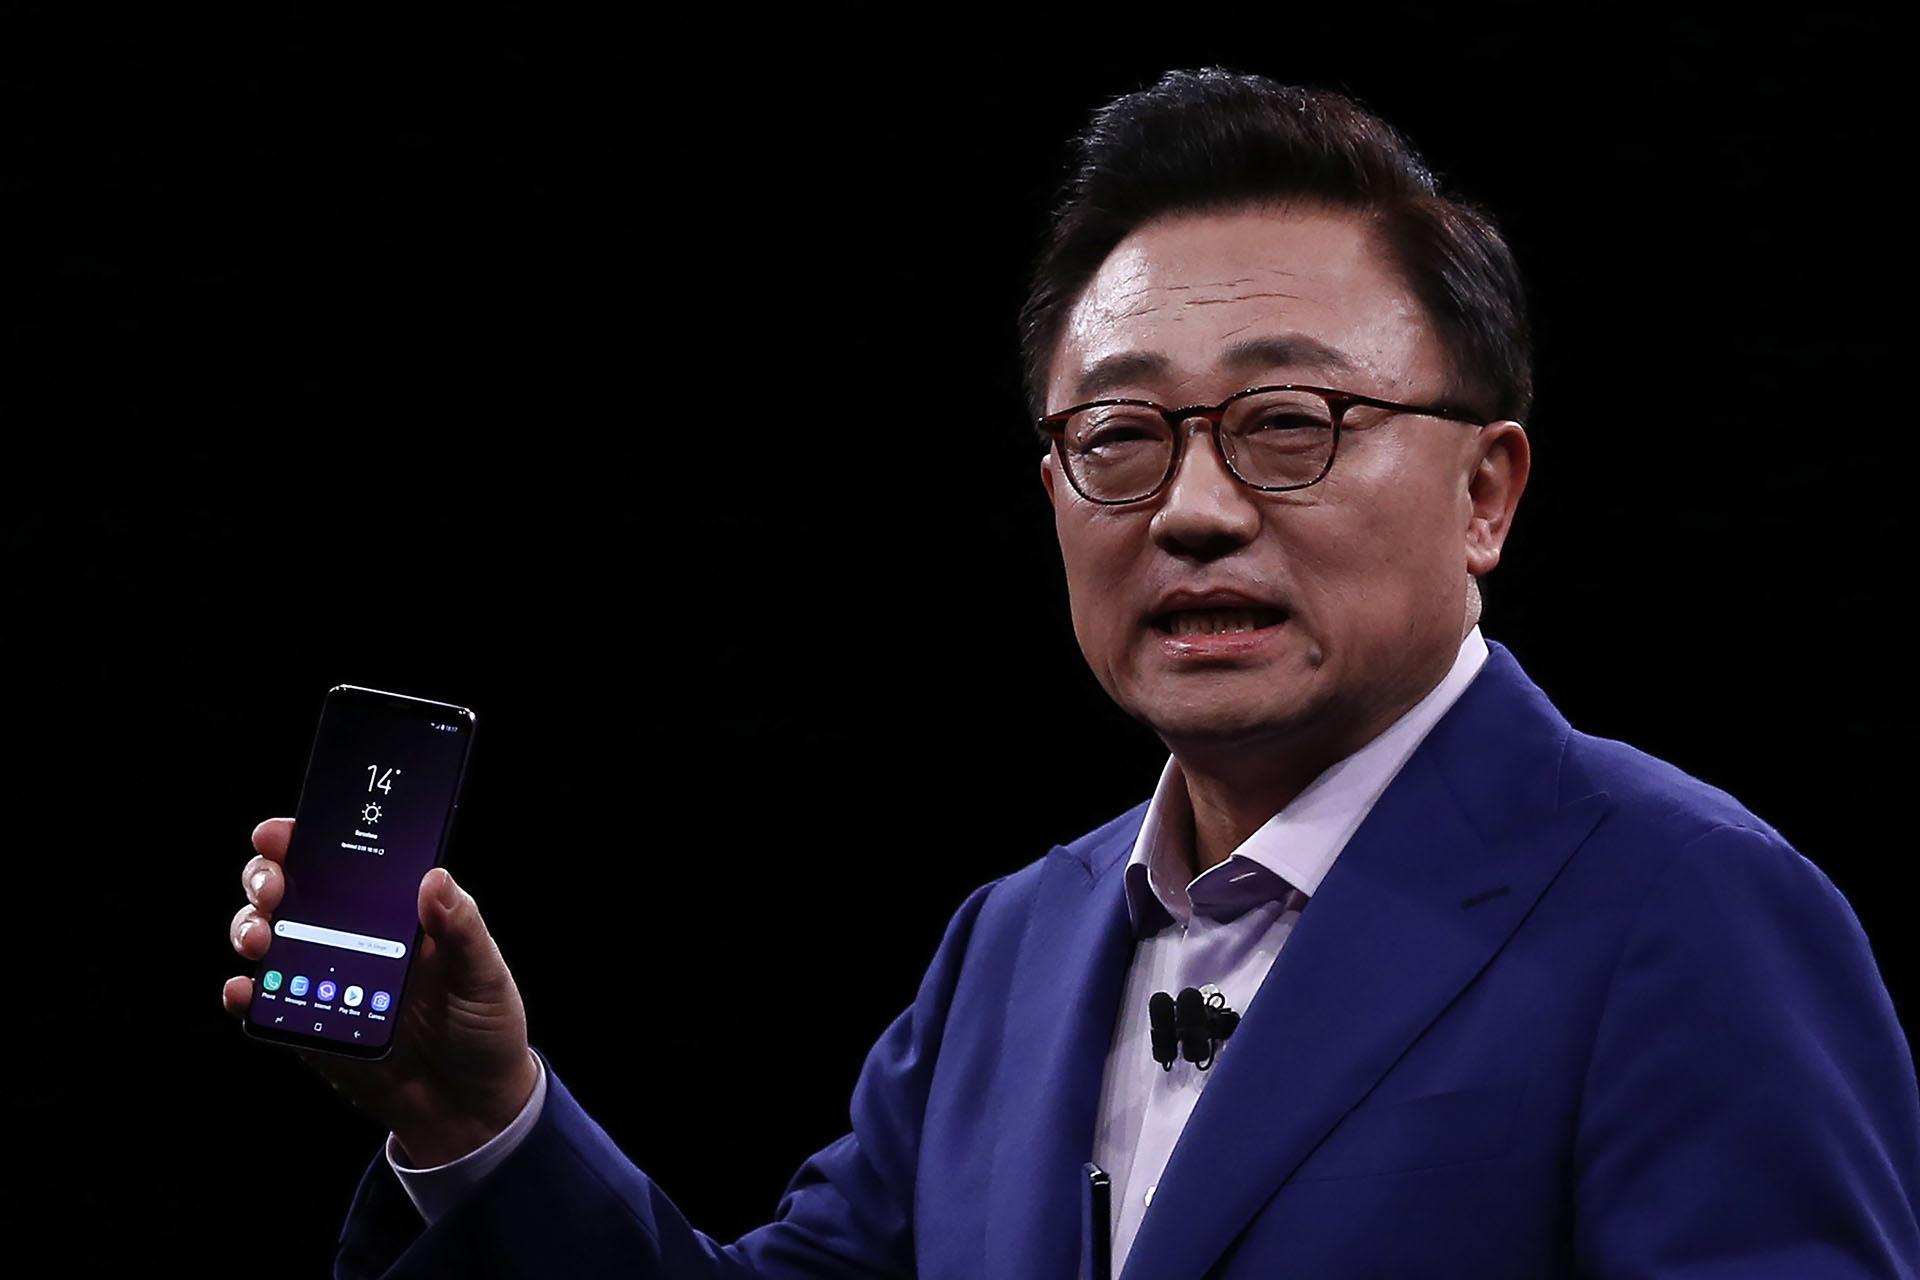 """Samsung presentó nuevos teléfonos inteligentes con diseñosquemantienen la pantalla """"infinita""""e incluyen mejores graduales,conalgunas funciones premium integradas a la cámara(AP Photo/Manu Fernandez)"""